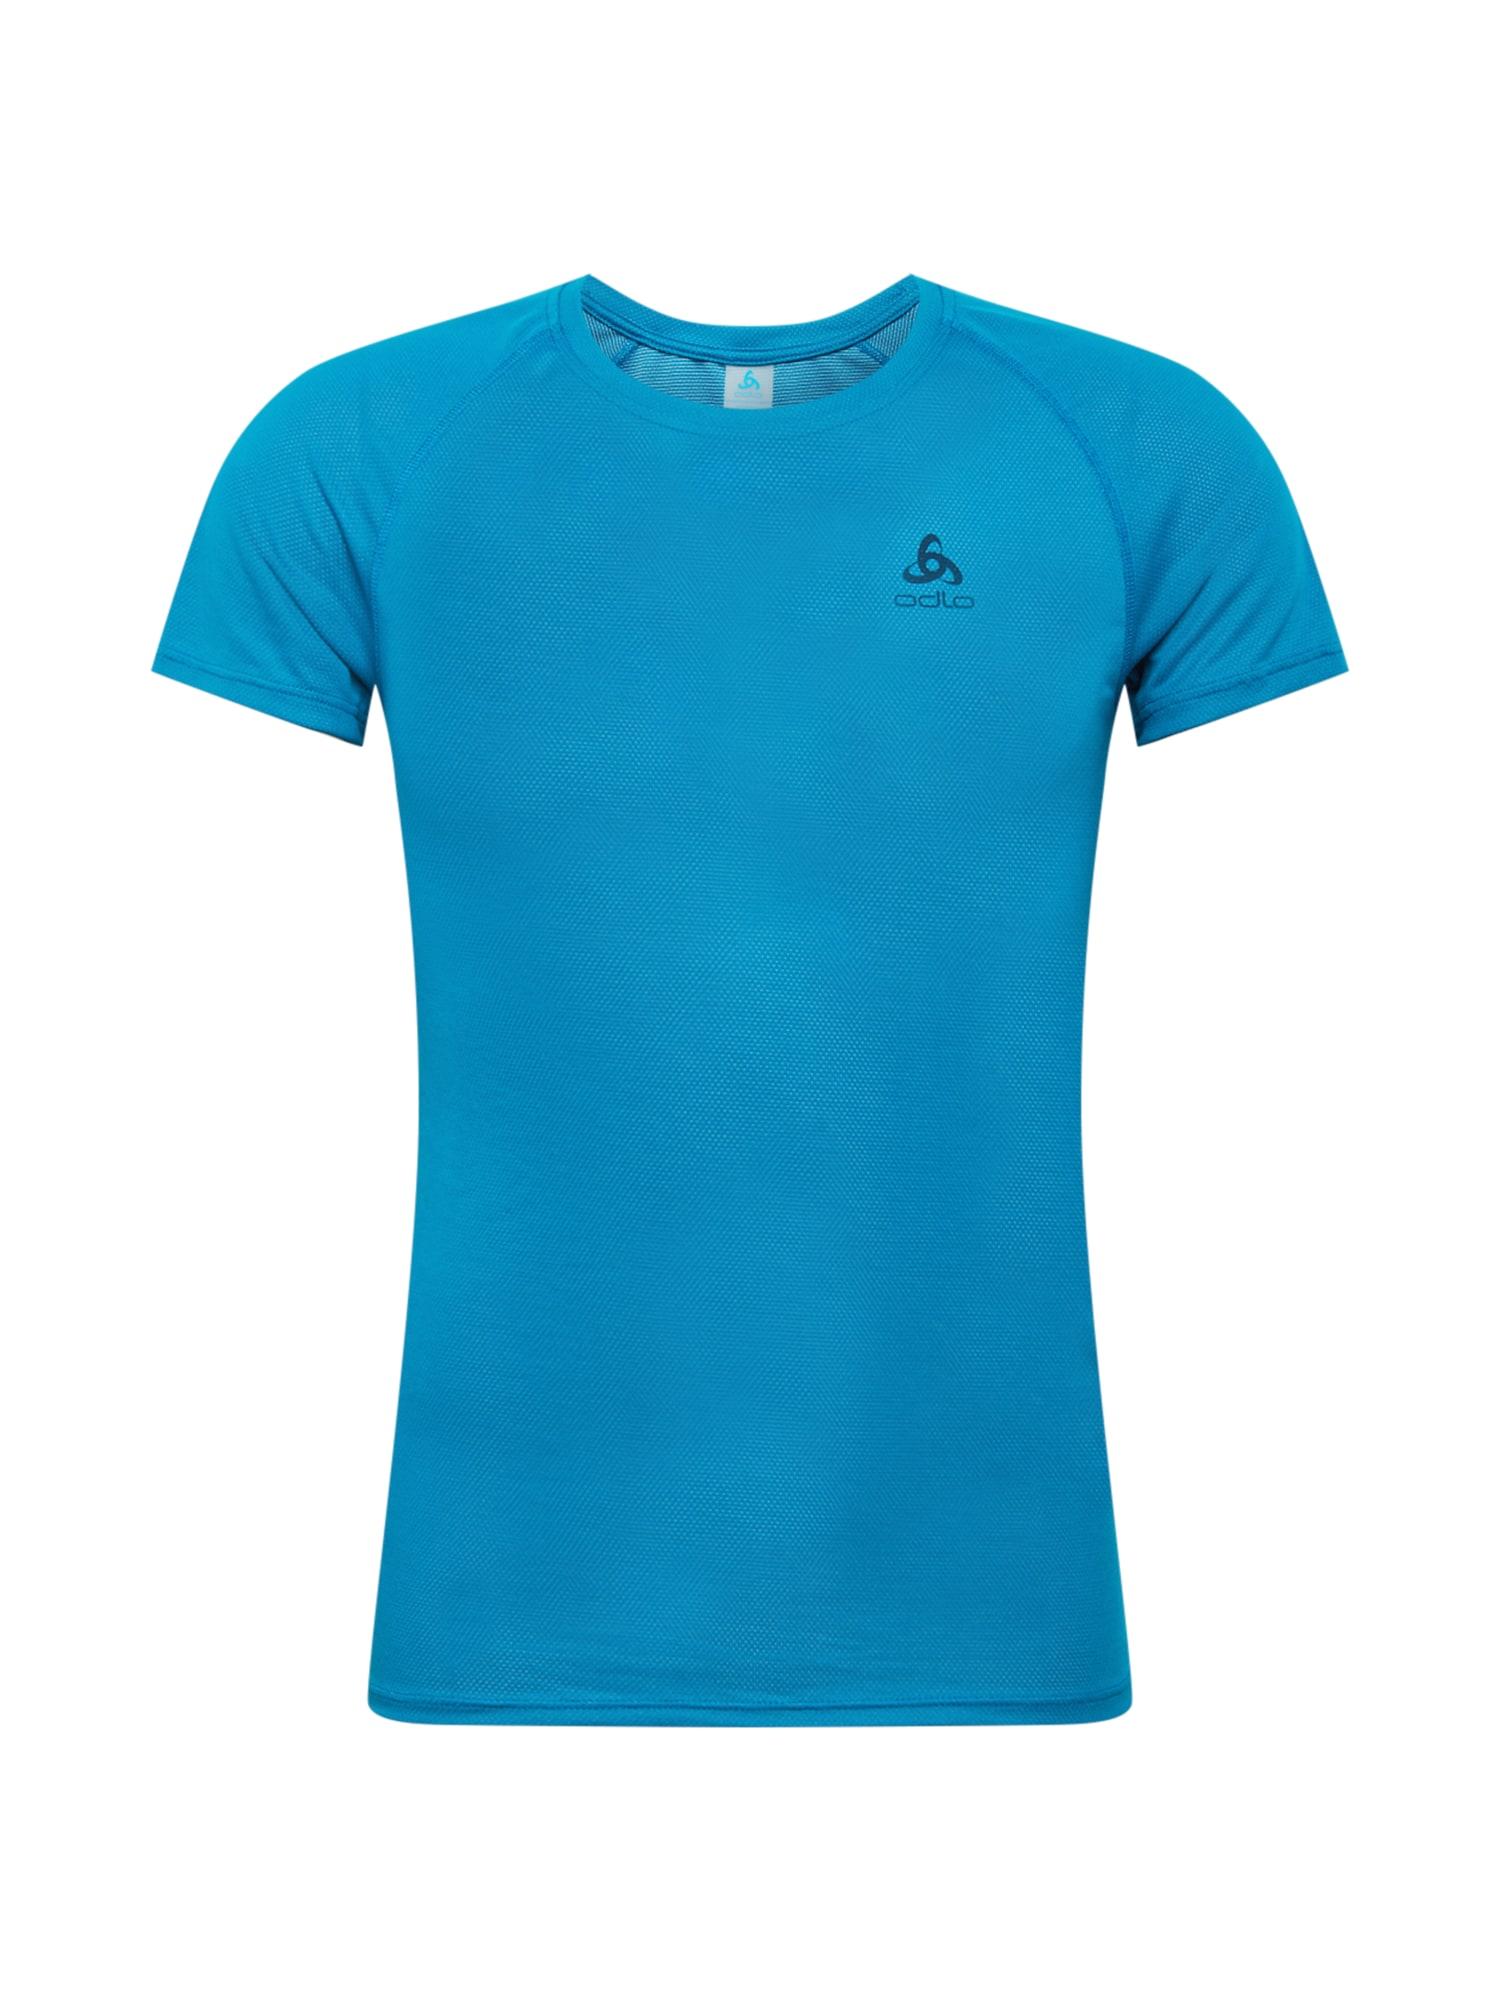 ODLO Sportiniai marškinėliai mėlyna / tamsiai mėlyna